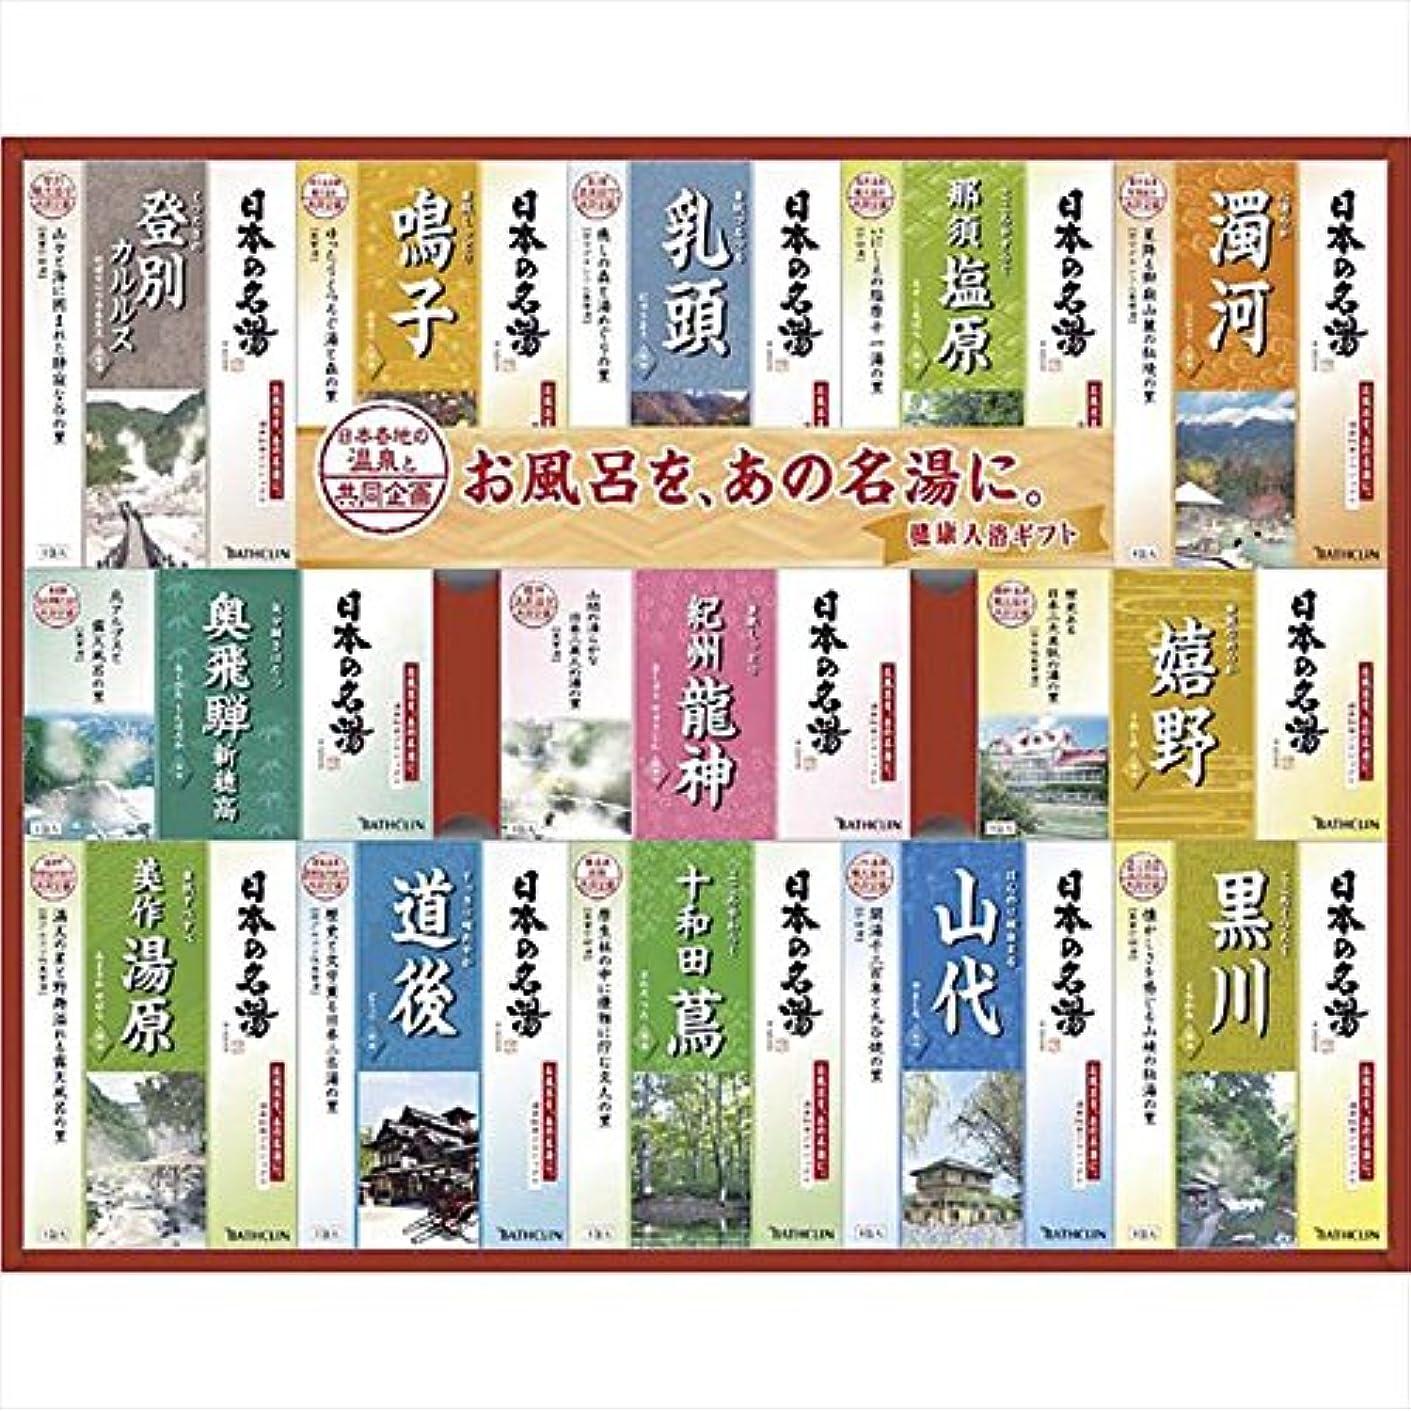 食料品店変わるどちらもバスクリン 日本の名湯 ギフトセット 【ギフト 温泉 セット つめあわせ 詰め合わせ 湯めぐり 贅沢 お風呂 風呂 バス ゆったり プレゼント 引越 引越し 香り 快適 秘湯 贈り物 F7238-04】